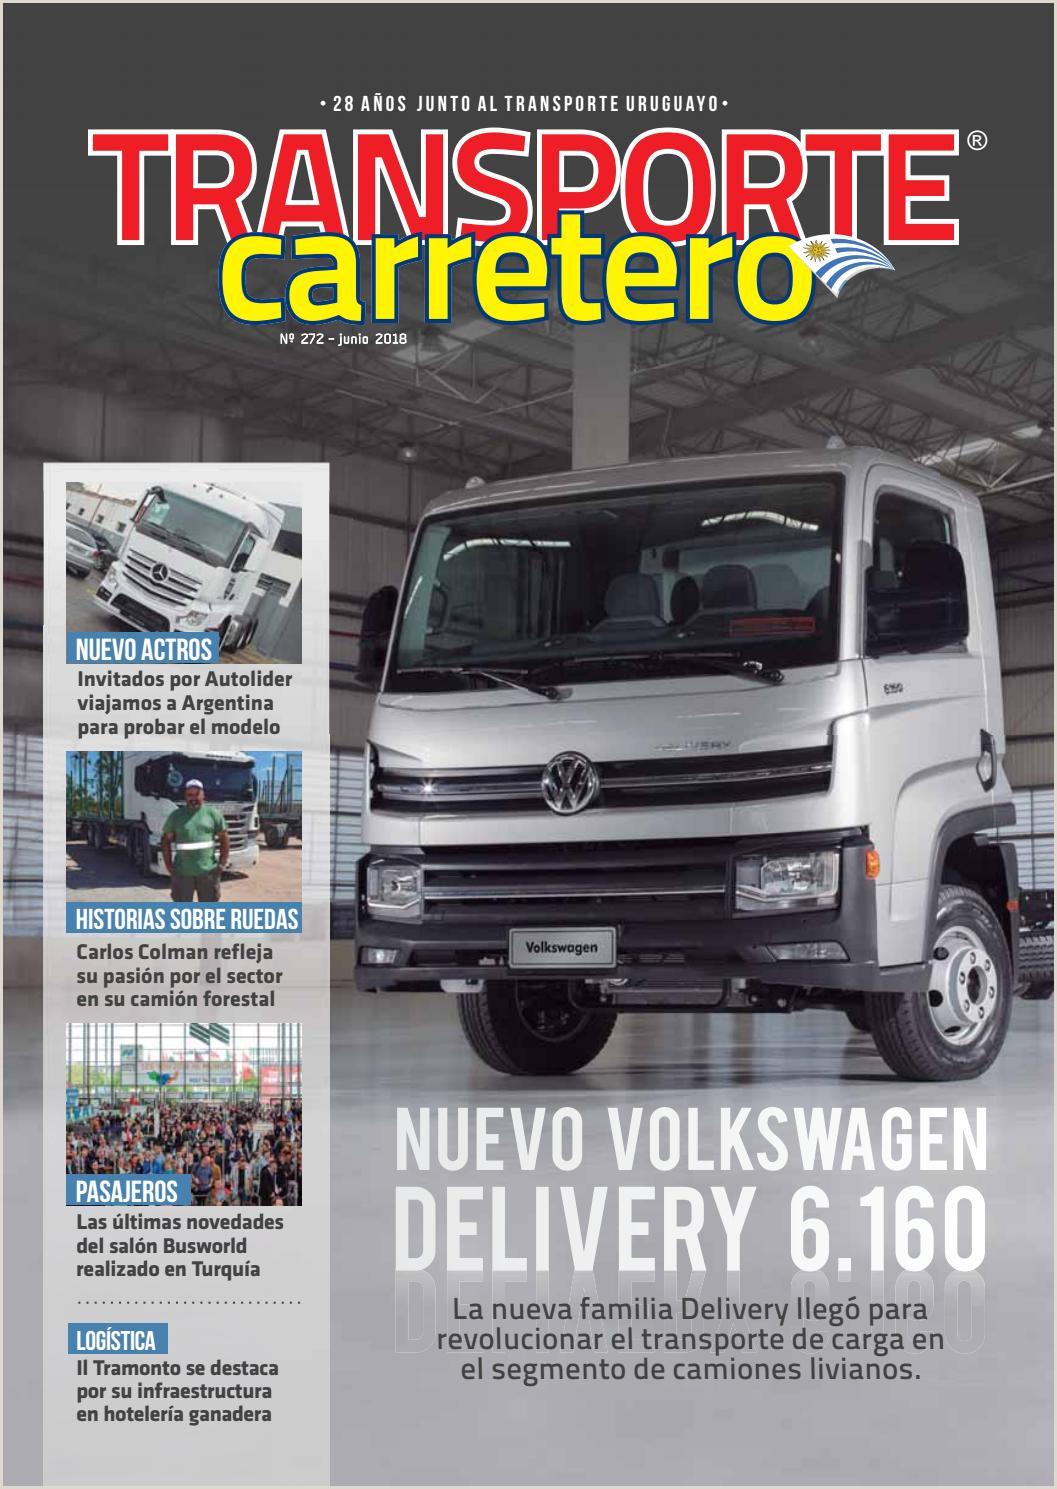 Como Hacer Una Hoja De Vida asesor Comercial Transporte Carretero Nº 272 Junio 2018 by Dise±o